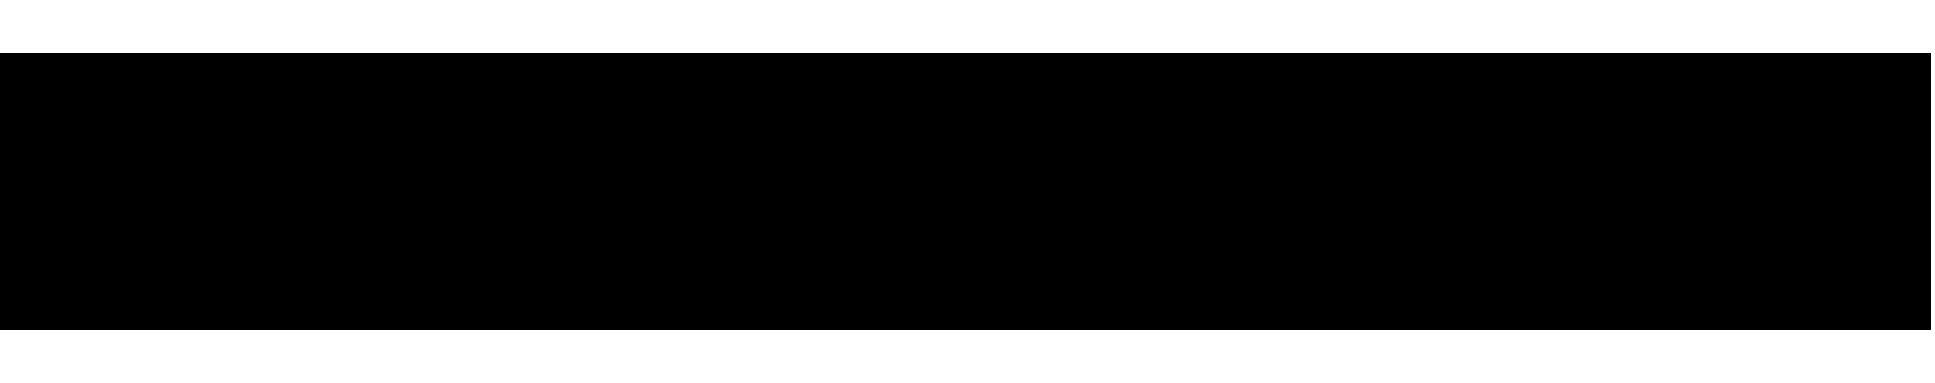 gizmodo-color2